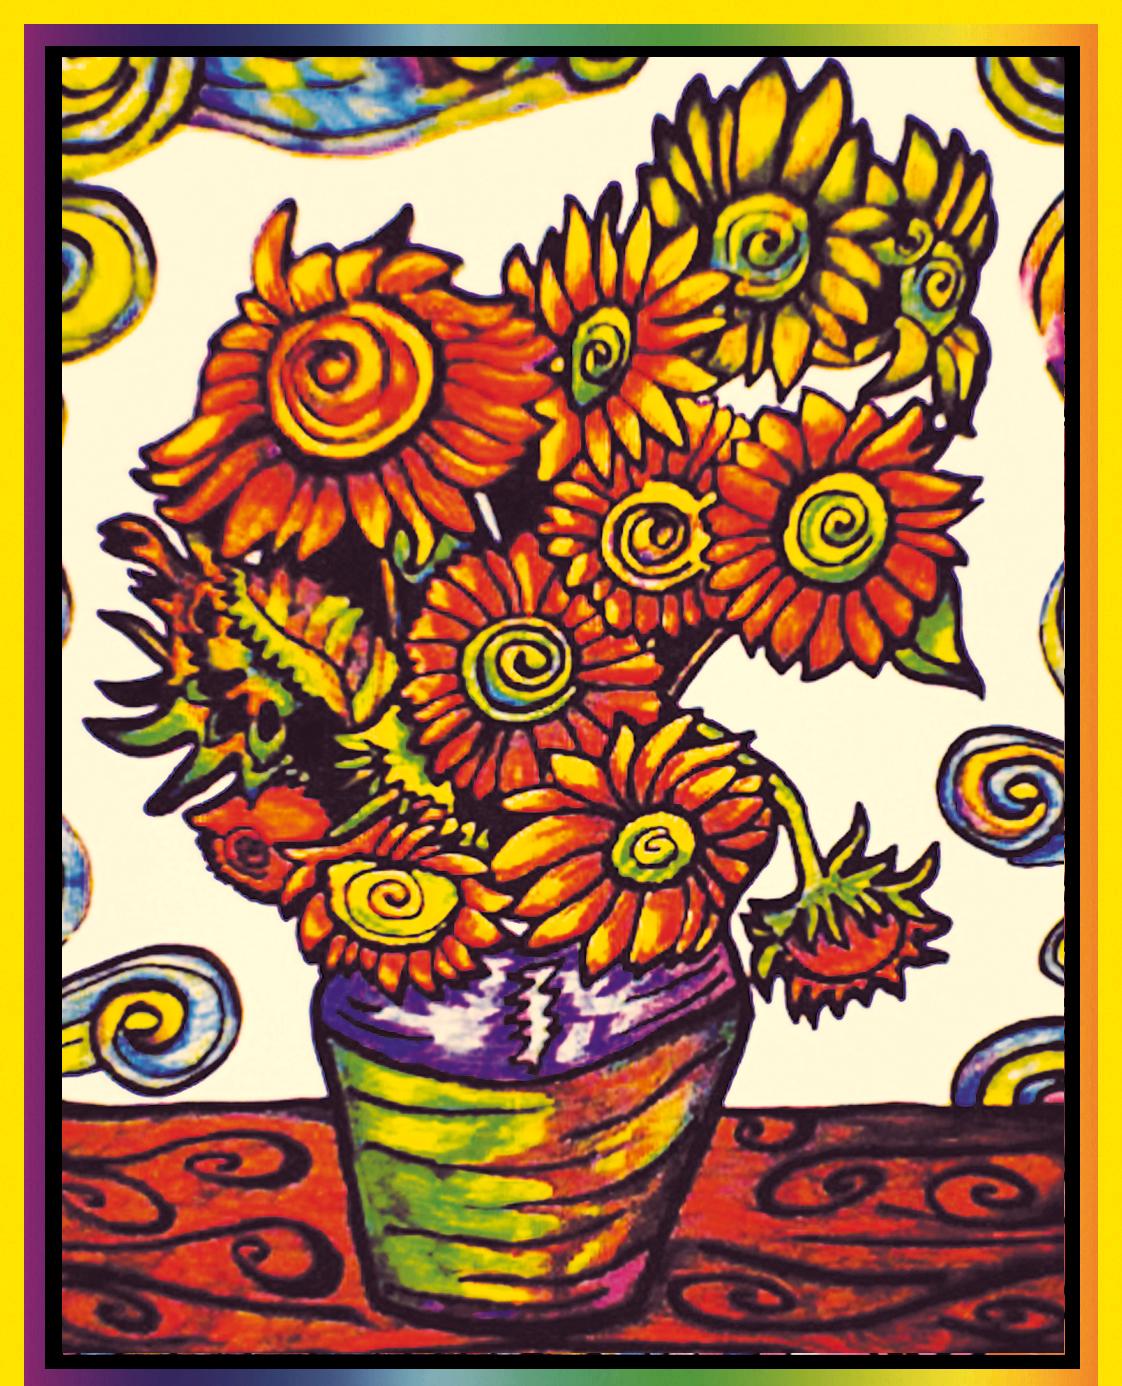 Wunderbar Sonnenblume Malvorlagen Van Gogh Bilder - Beispiel ...